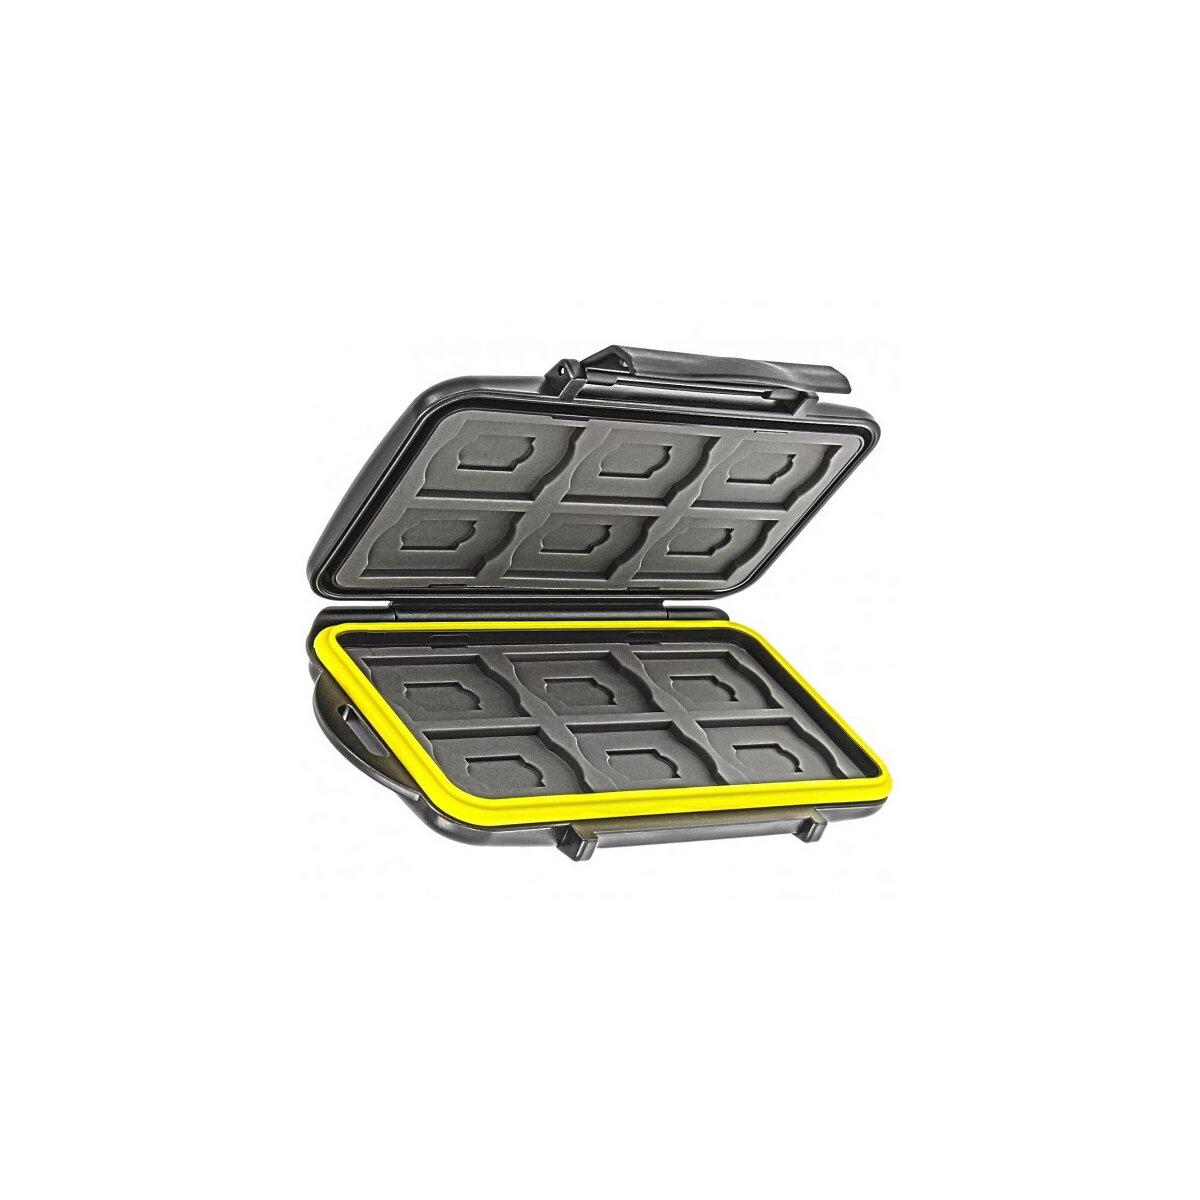 Wasserdichtes Speicherkarten Hardcase Etui Schutzbox fuer 12x SD SDHC, SDXC und 12x MicroSD